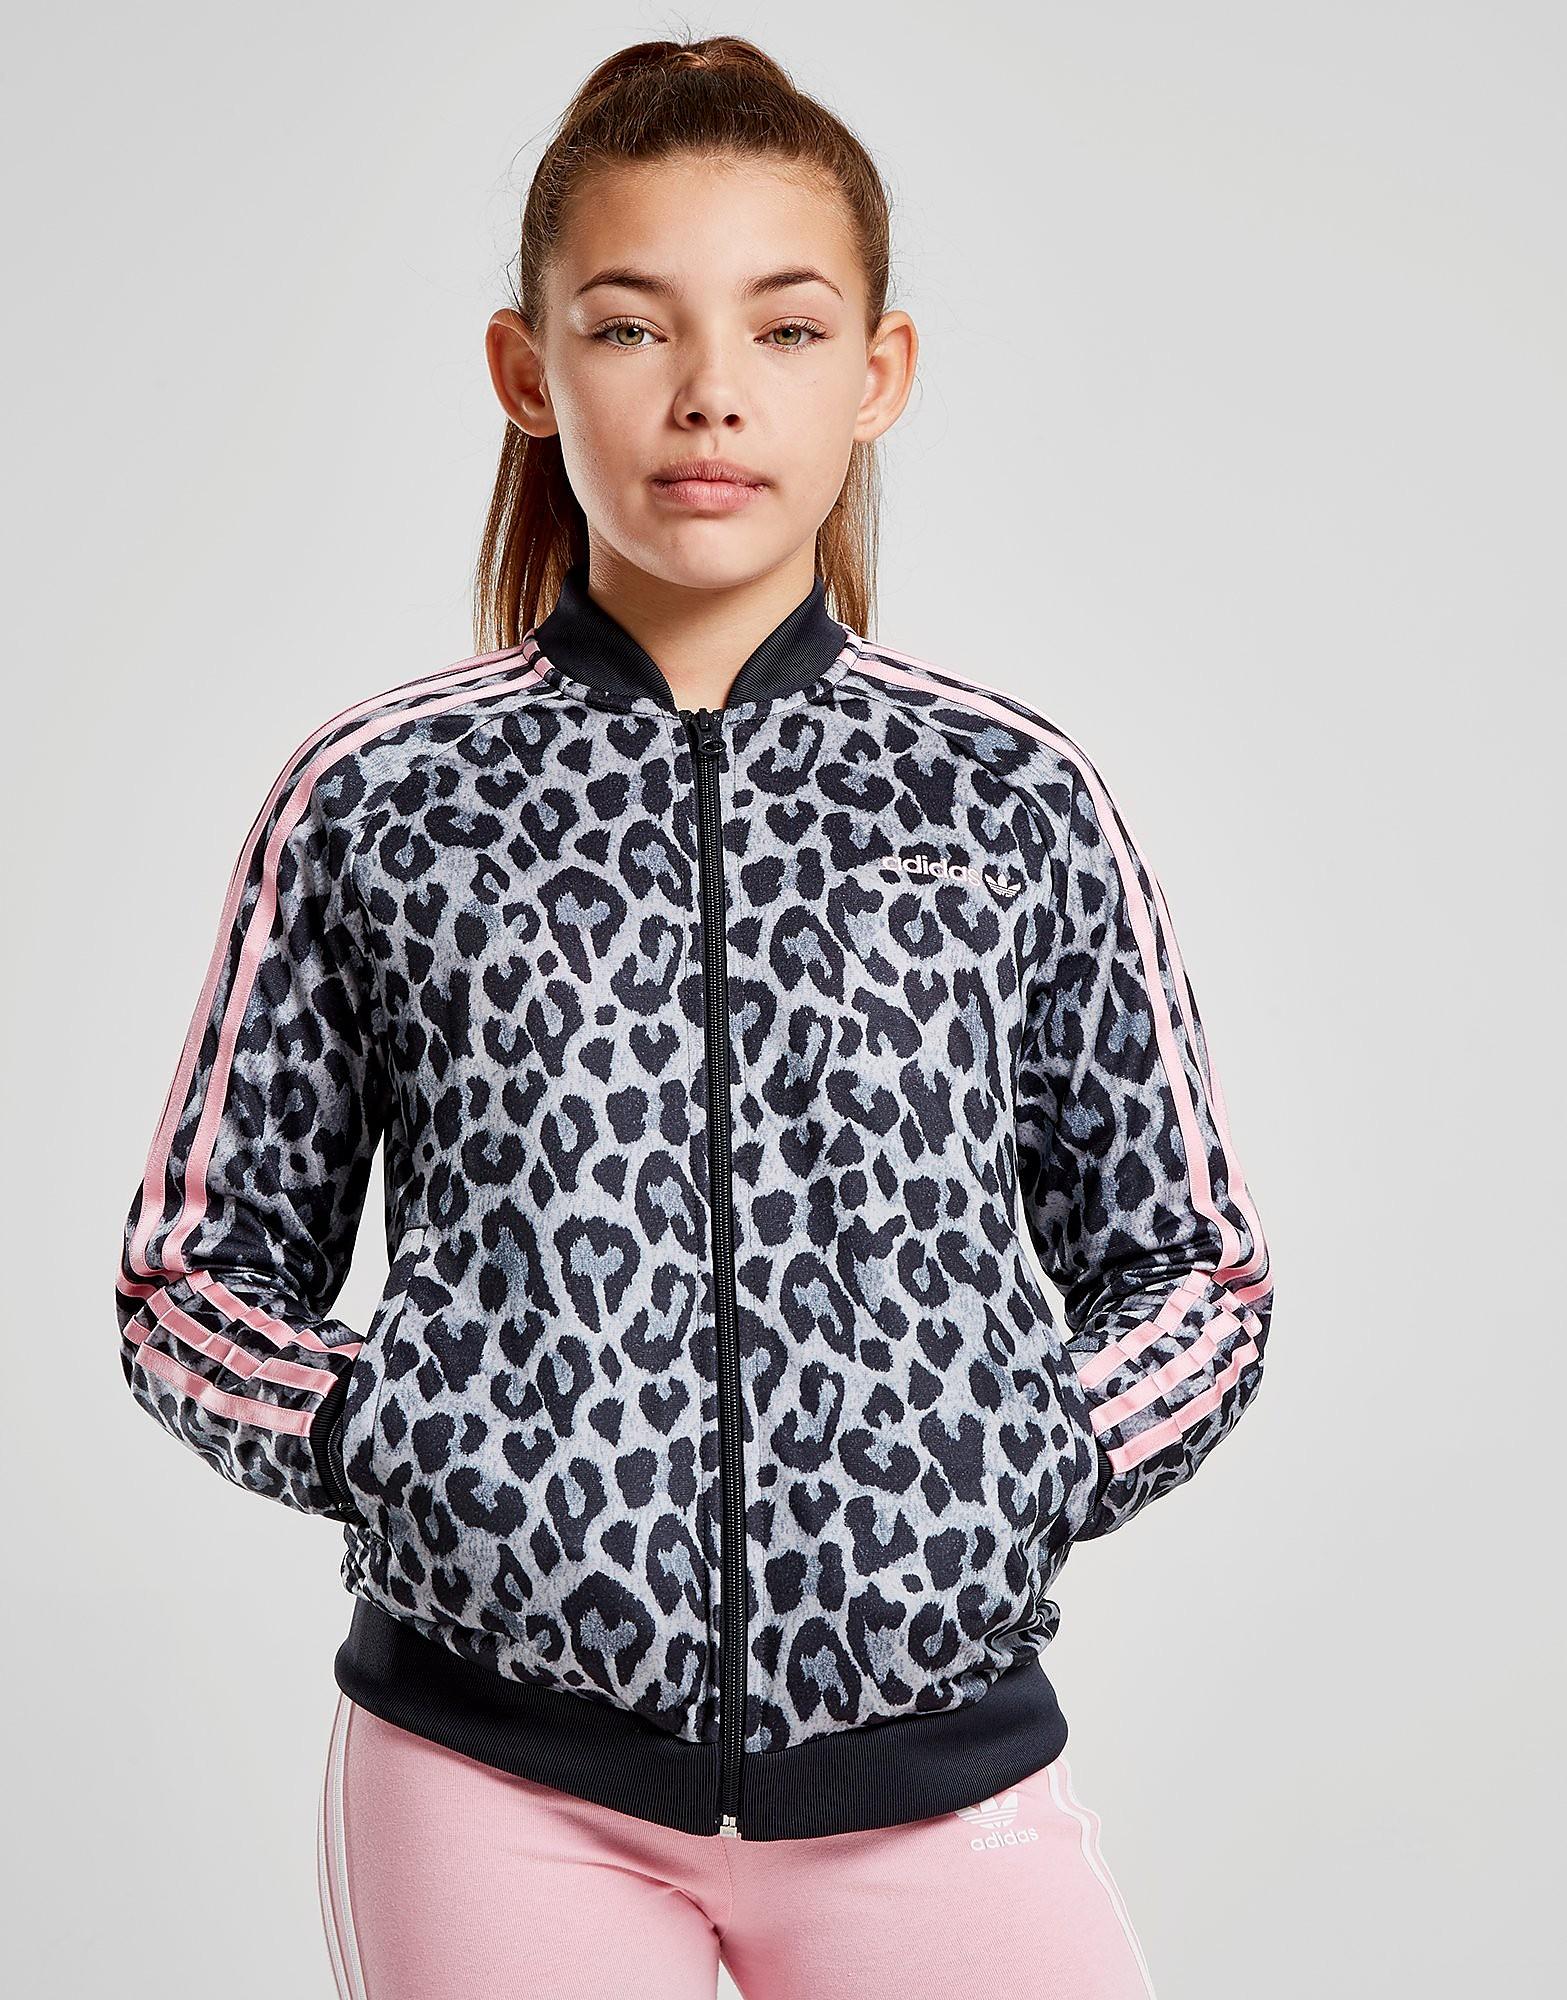 adidas Originals Girls' Leopard Superstar Track Top Junior - alleen bij JD - Grijs - Kind